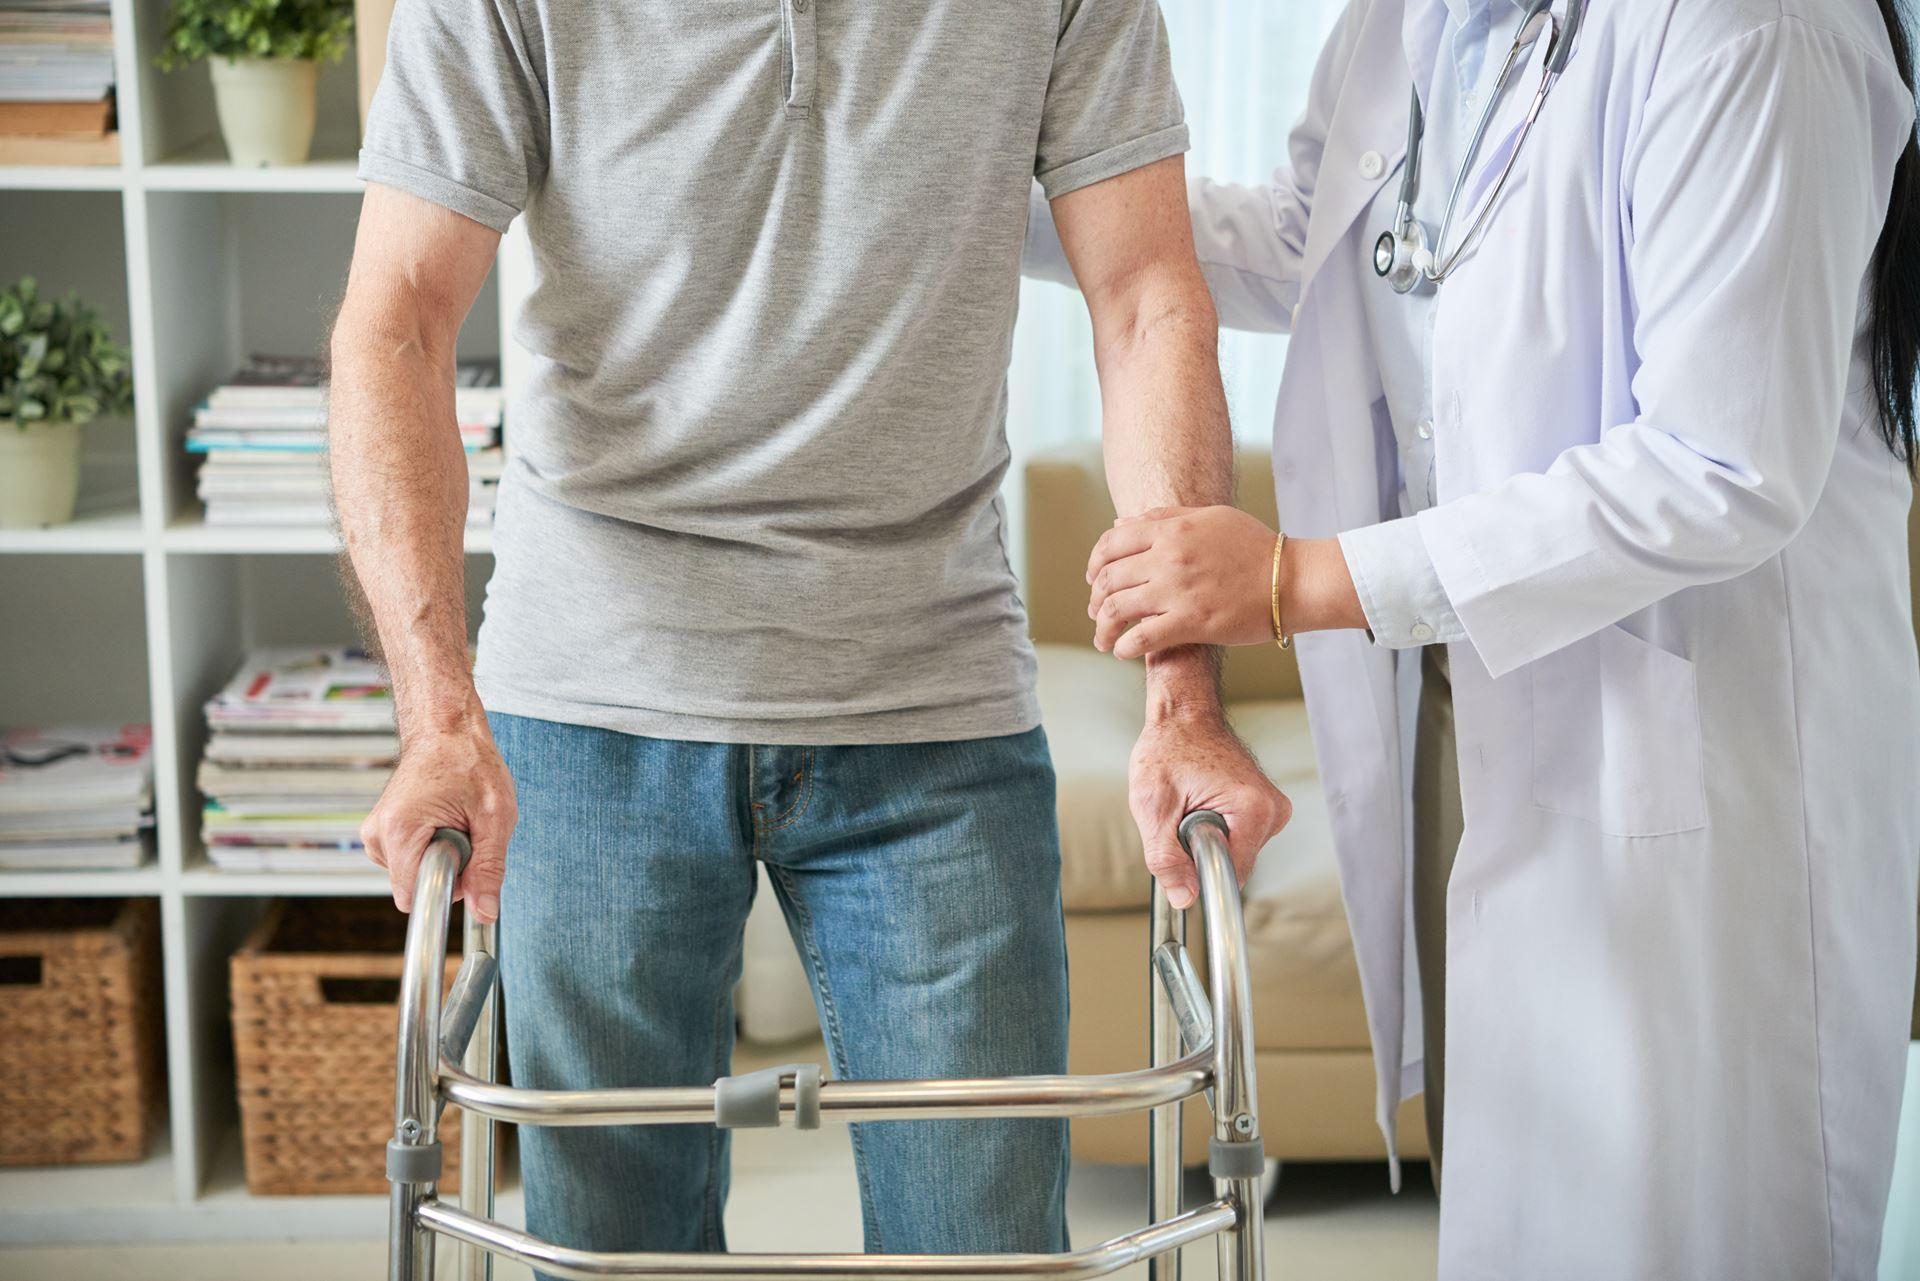 שיקום לאחר ניתוח עמוד השדרה - Restart Therapy שיקום בבית